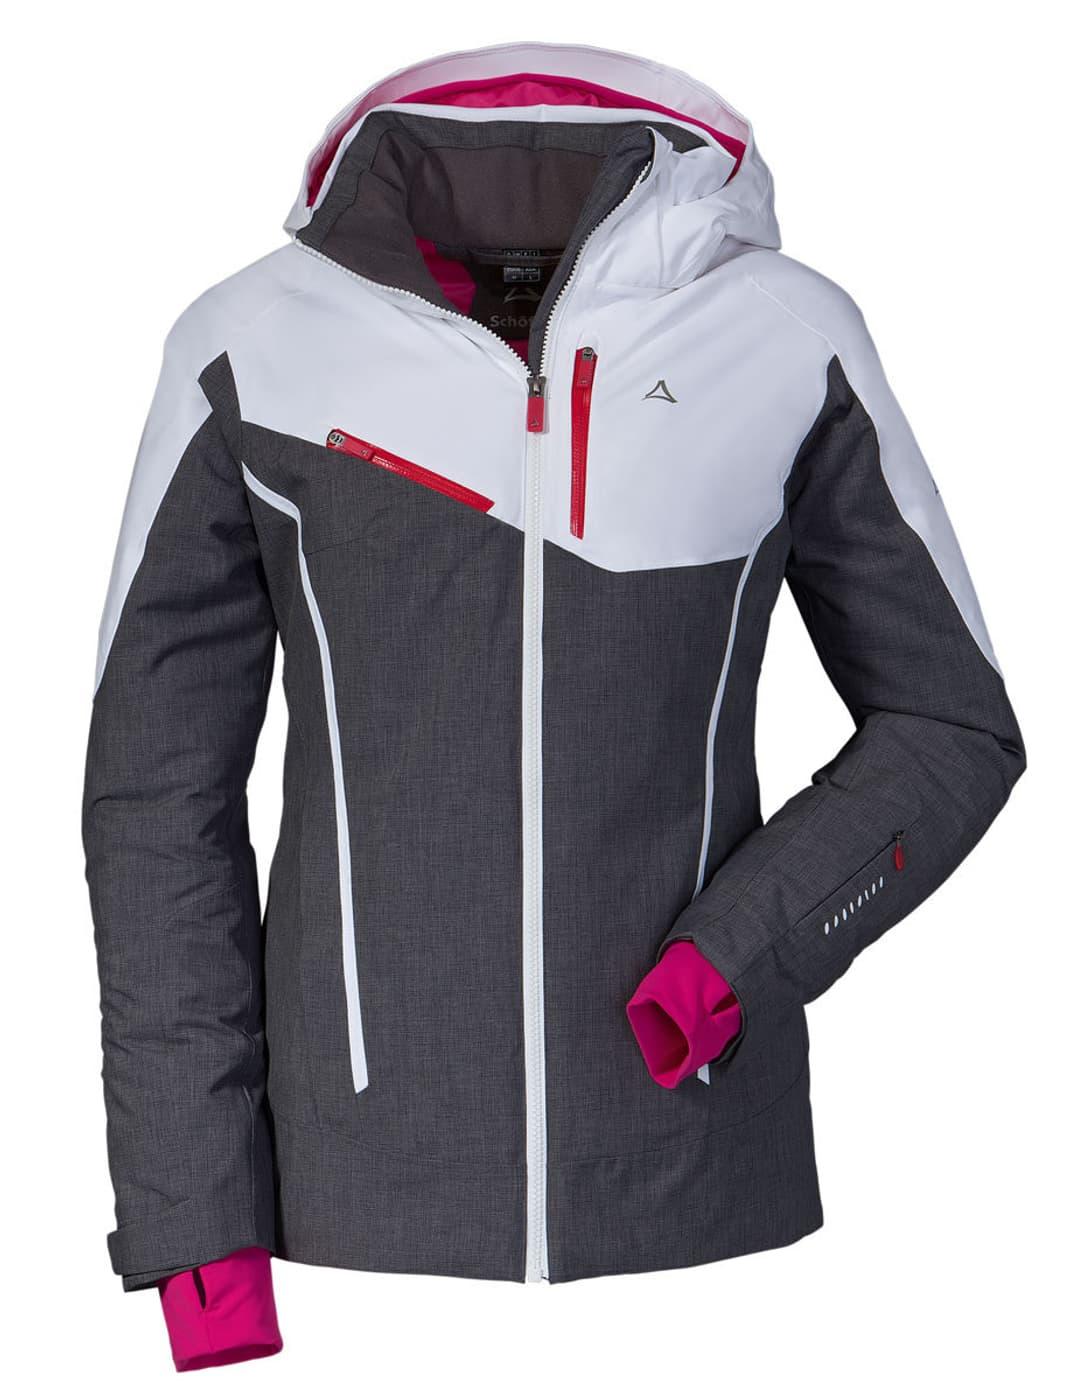 sch ffel ski jacket marseille1 damen skijacke migros. Black Bedroom Furniture Sets. Home Design Ideas